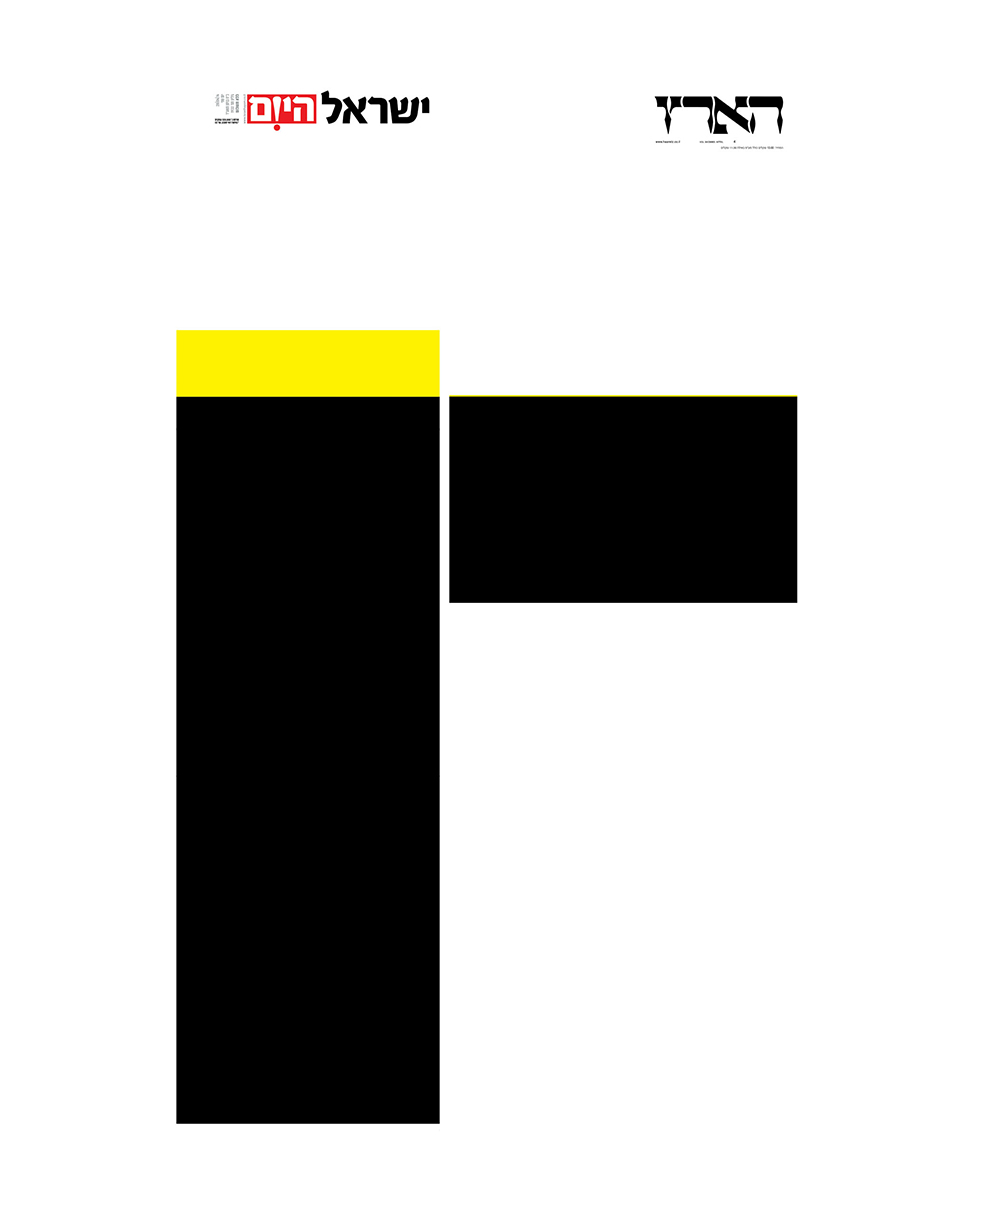 יום השואה. כמה צהוב ושחור צריך בשביל לזכור. כמות צבעי השחור והצהוב בהארץ לעומת ישראל היום